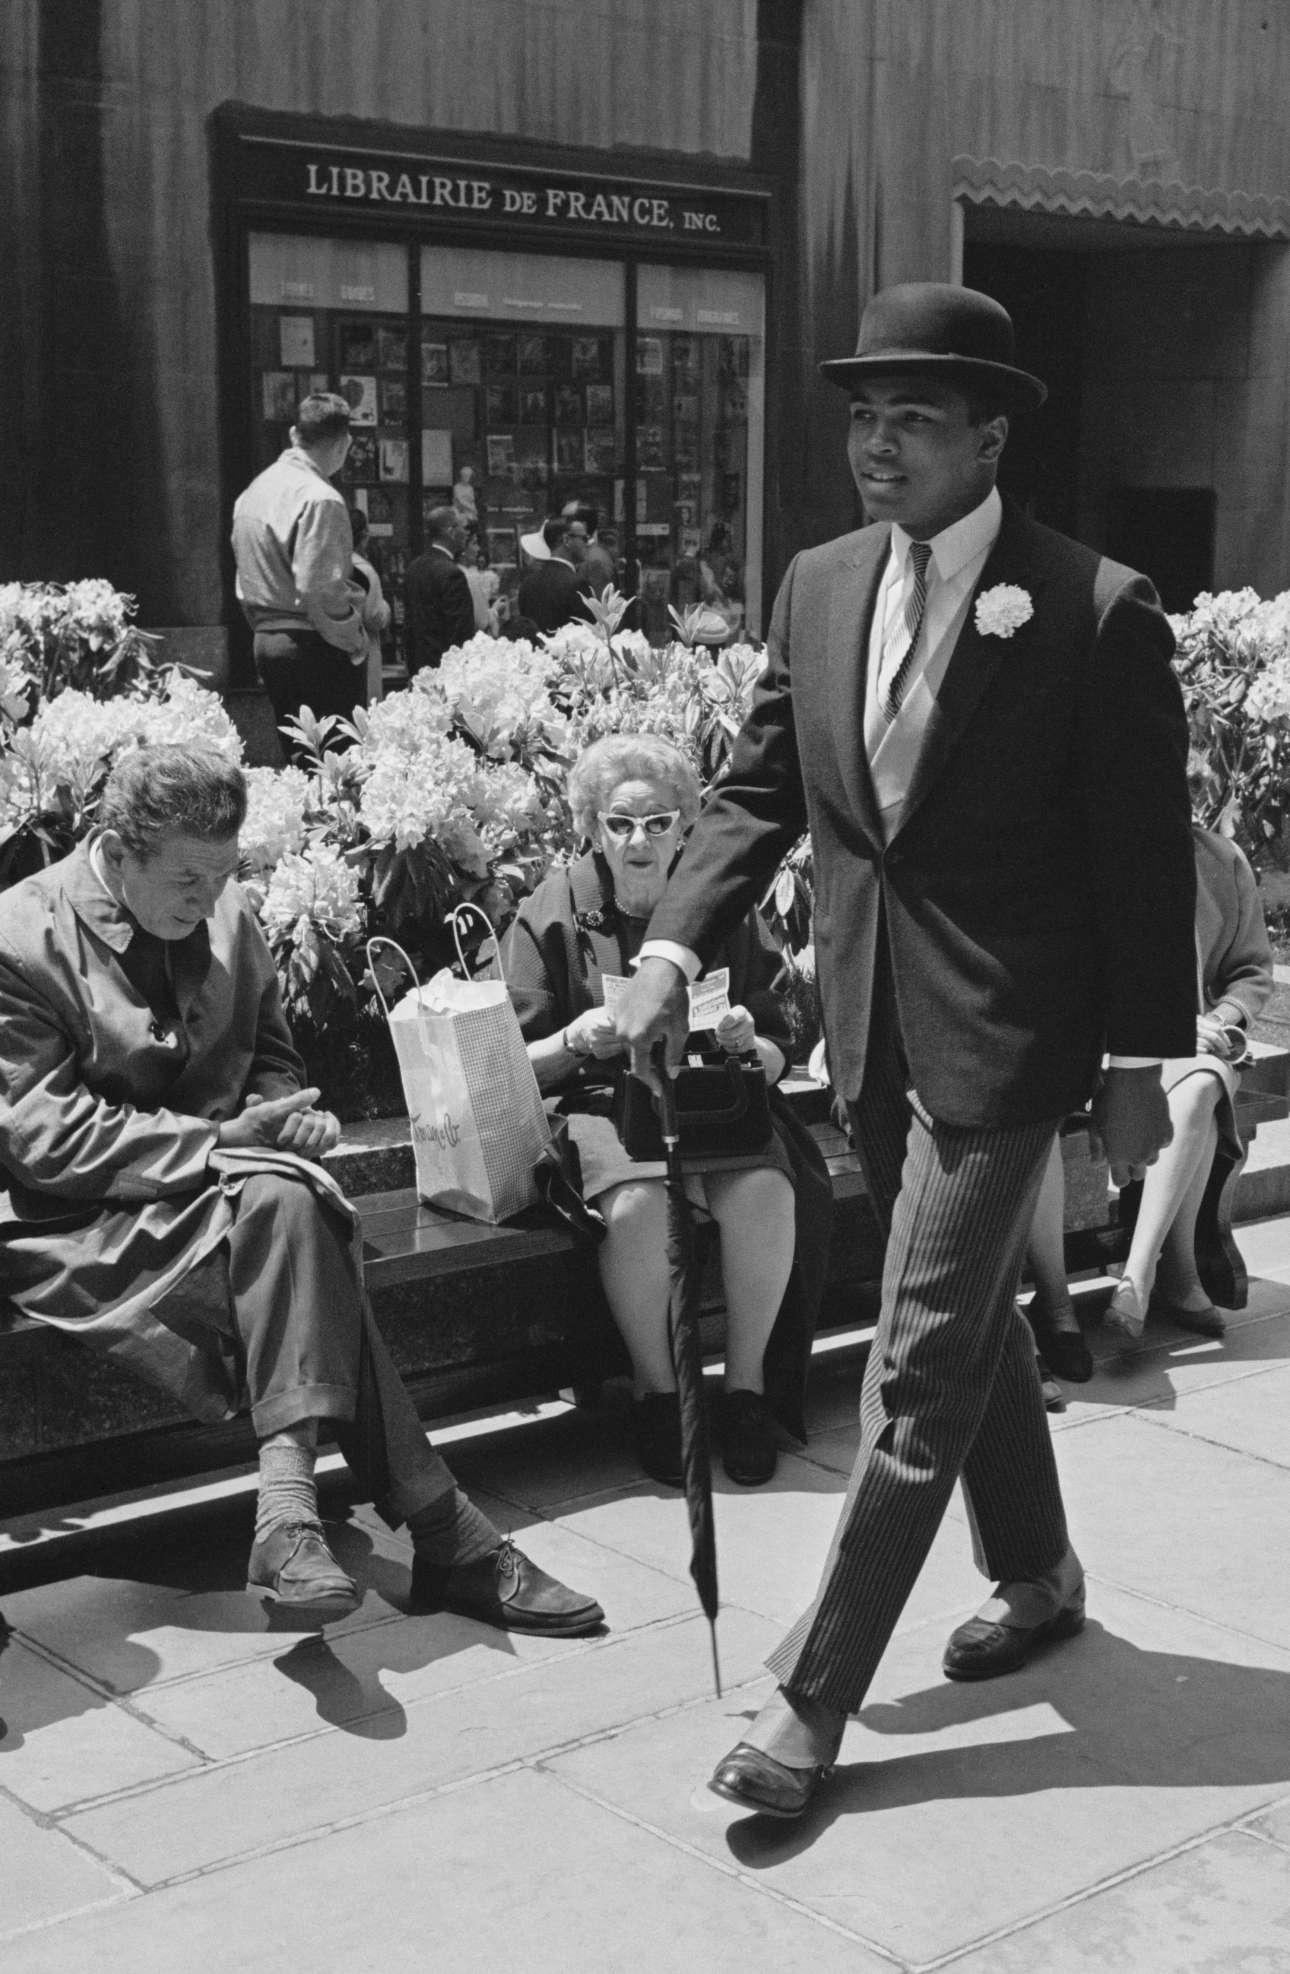 Μάιος 1963, Νέα Υόρκη. Ενας υπέρκομψος Κάσιους Κλέι, προτού γίνει Μοχάμεντ Αλι, απολαμβάνει την ανοιξιάτικη βόλτα του στην αμερικανική μητρόπολη